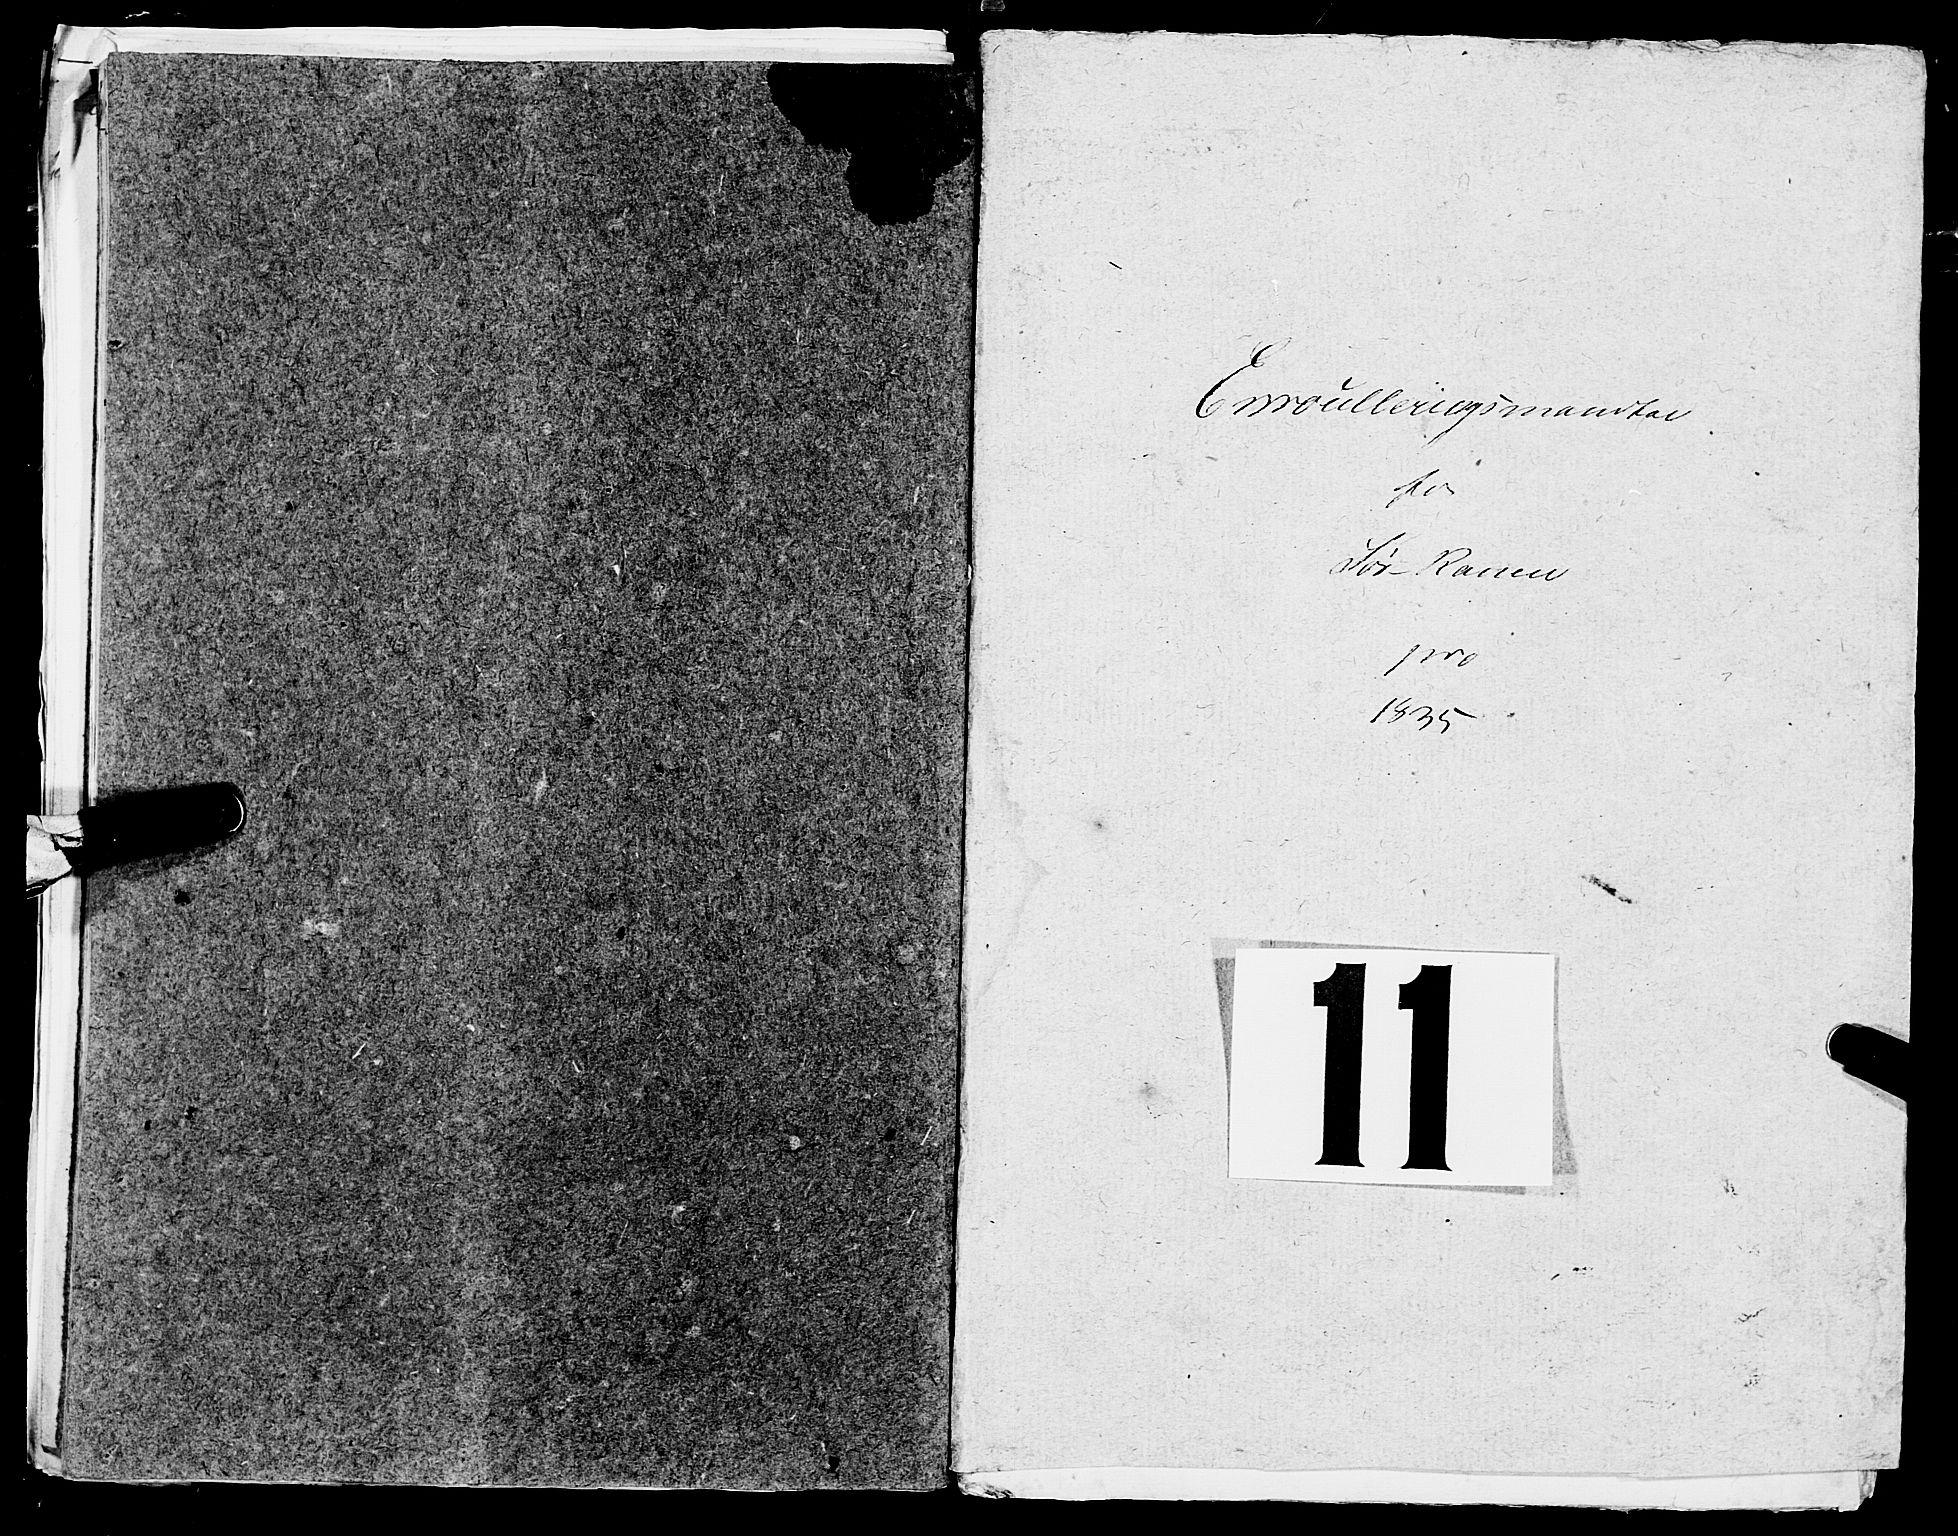 SAT, Fylkesmannen i Nordland, R/RA/L0013: Innrulleringsmanntall for Hemnes (Sør-Rana), 1809-1835, p. 251